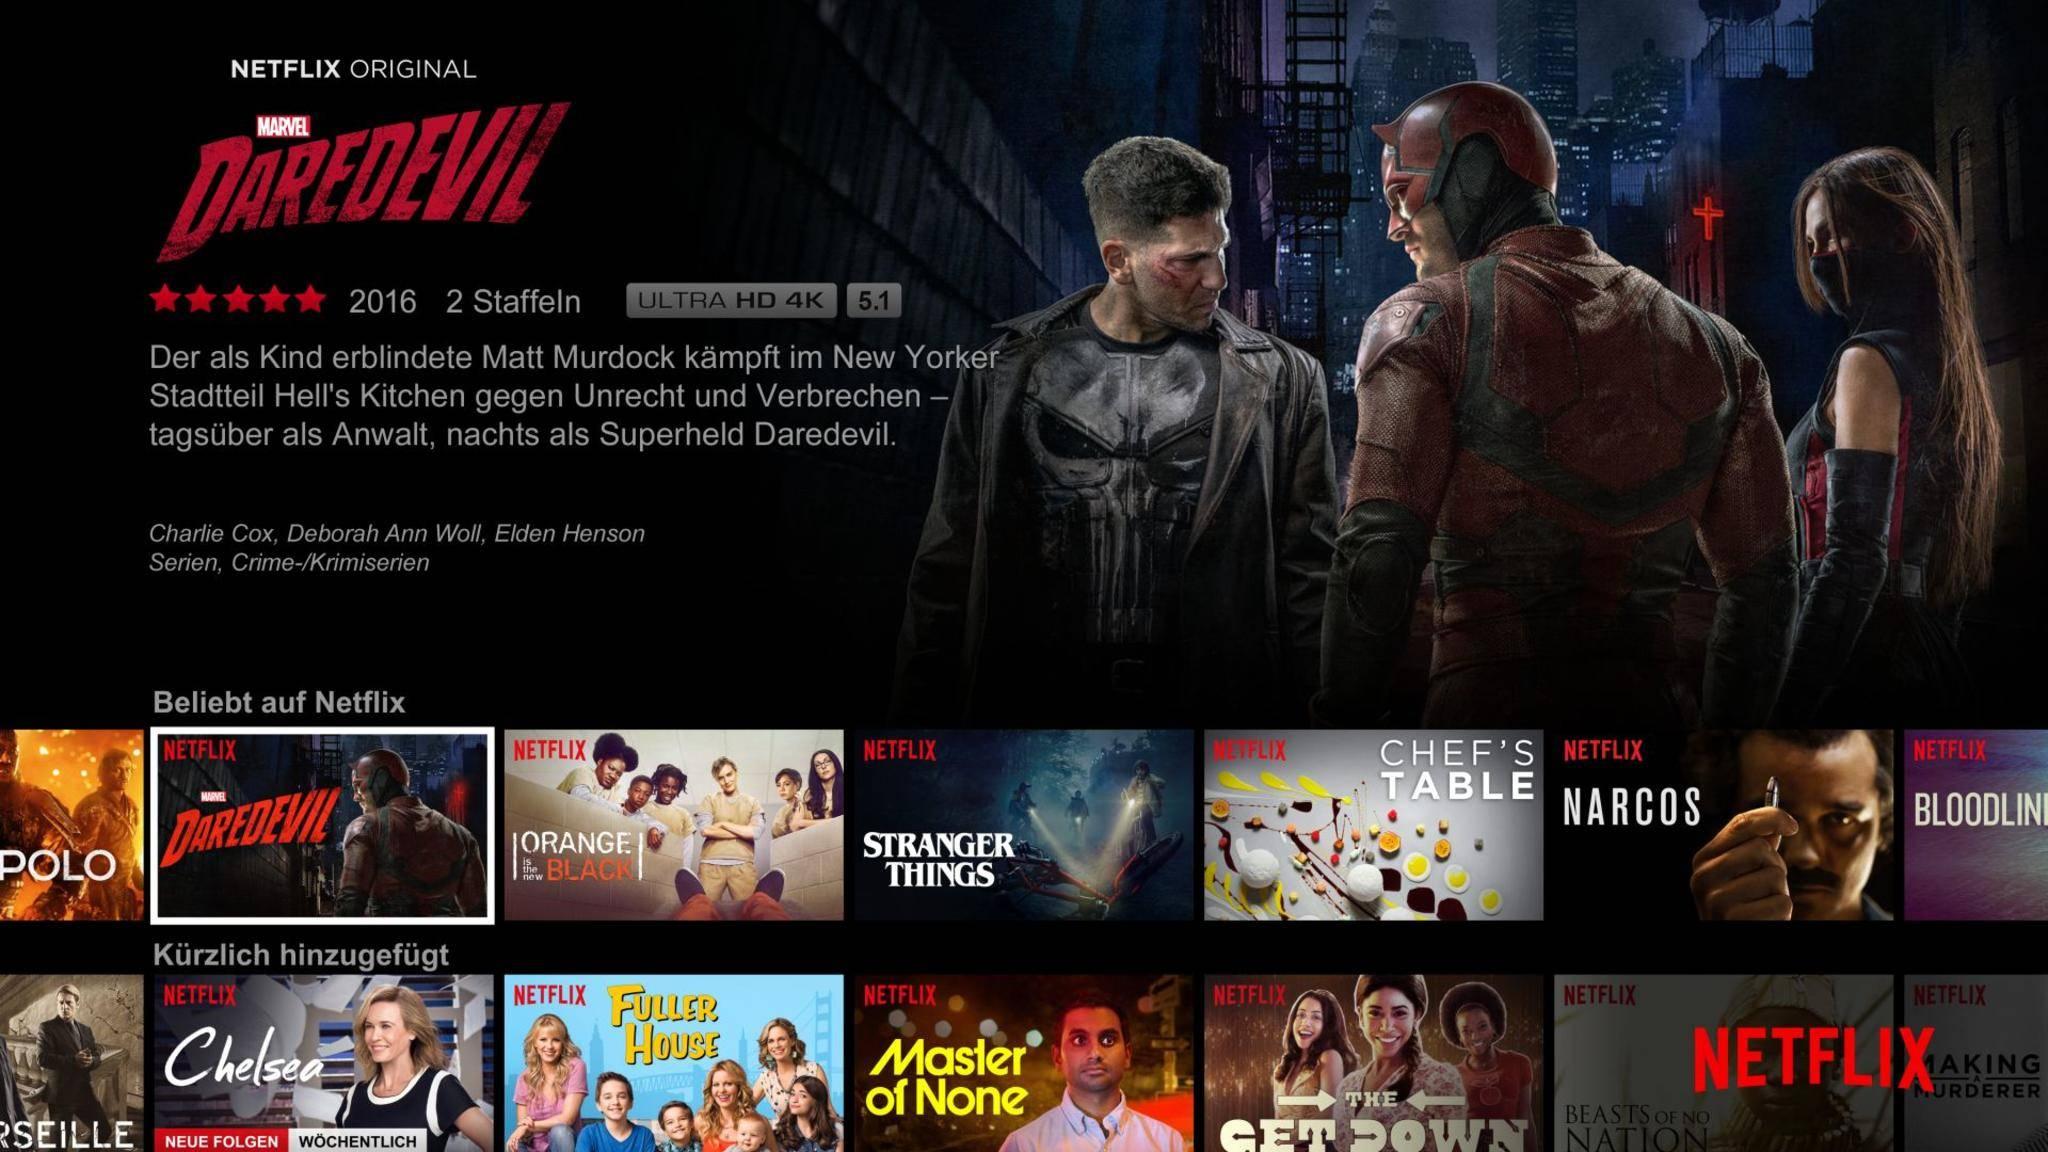 Netflix bietet ein breites Angebot an Filmen und Serien.